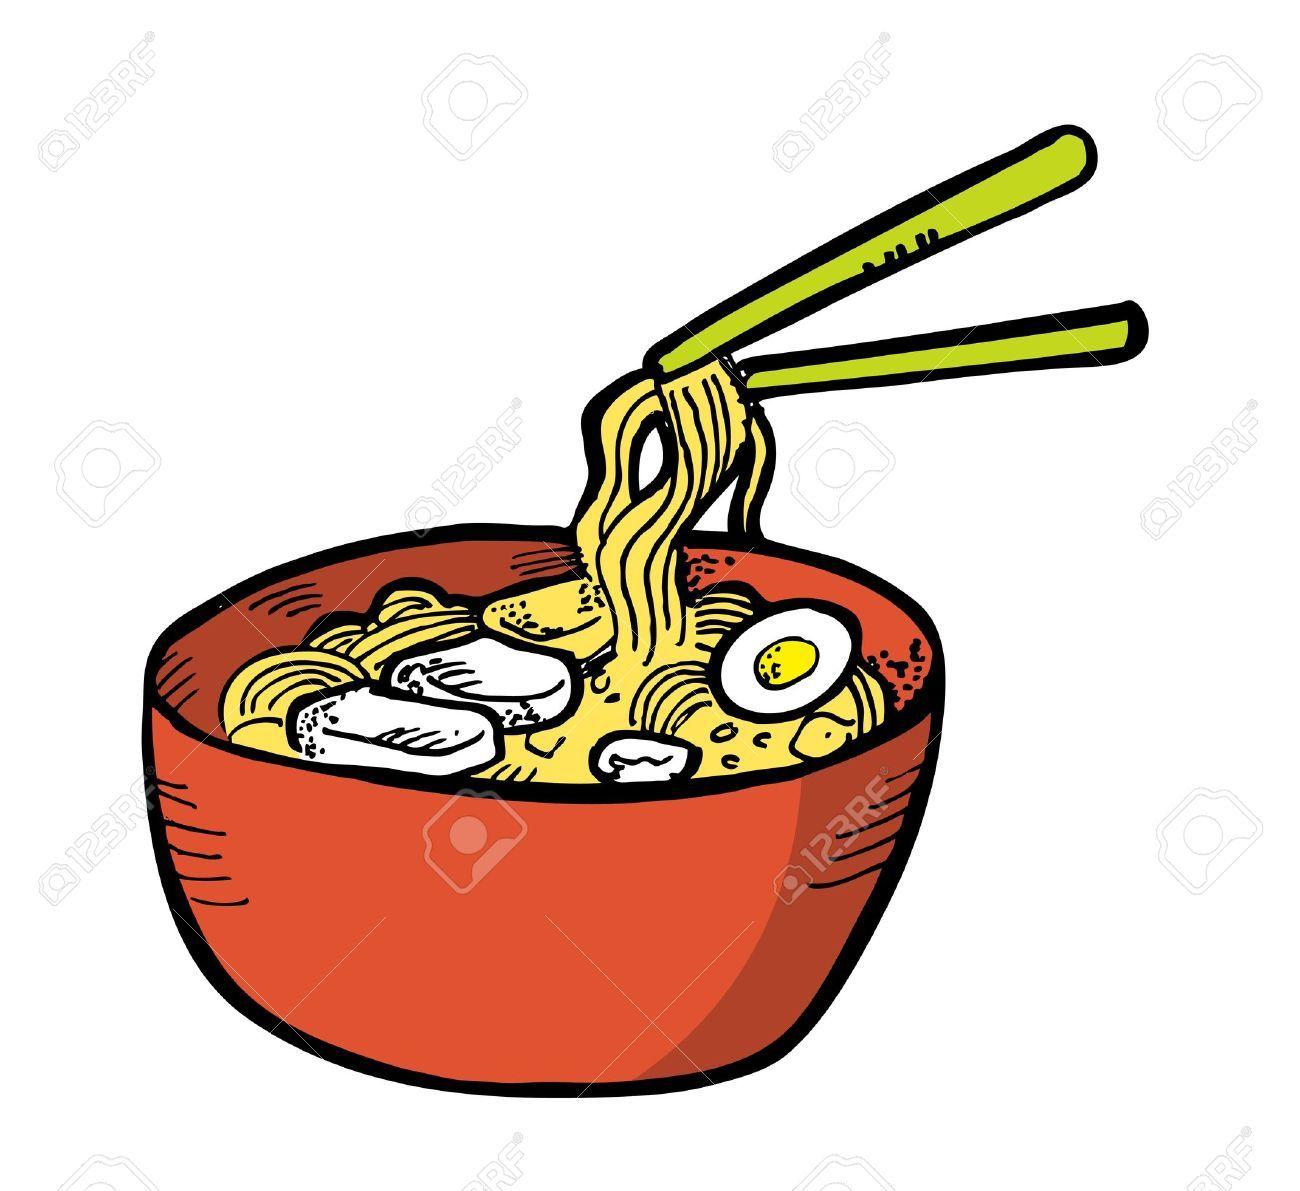 ca1051587f01d487382410b322cf16b2 noodle bowl ramen in doodle ramen rh pinterest com Grapes Clip Art Grapes Clip Art